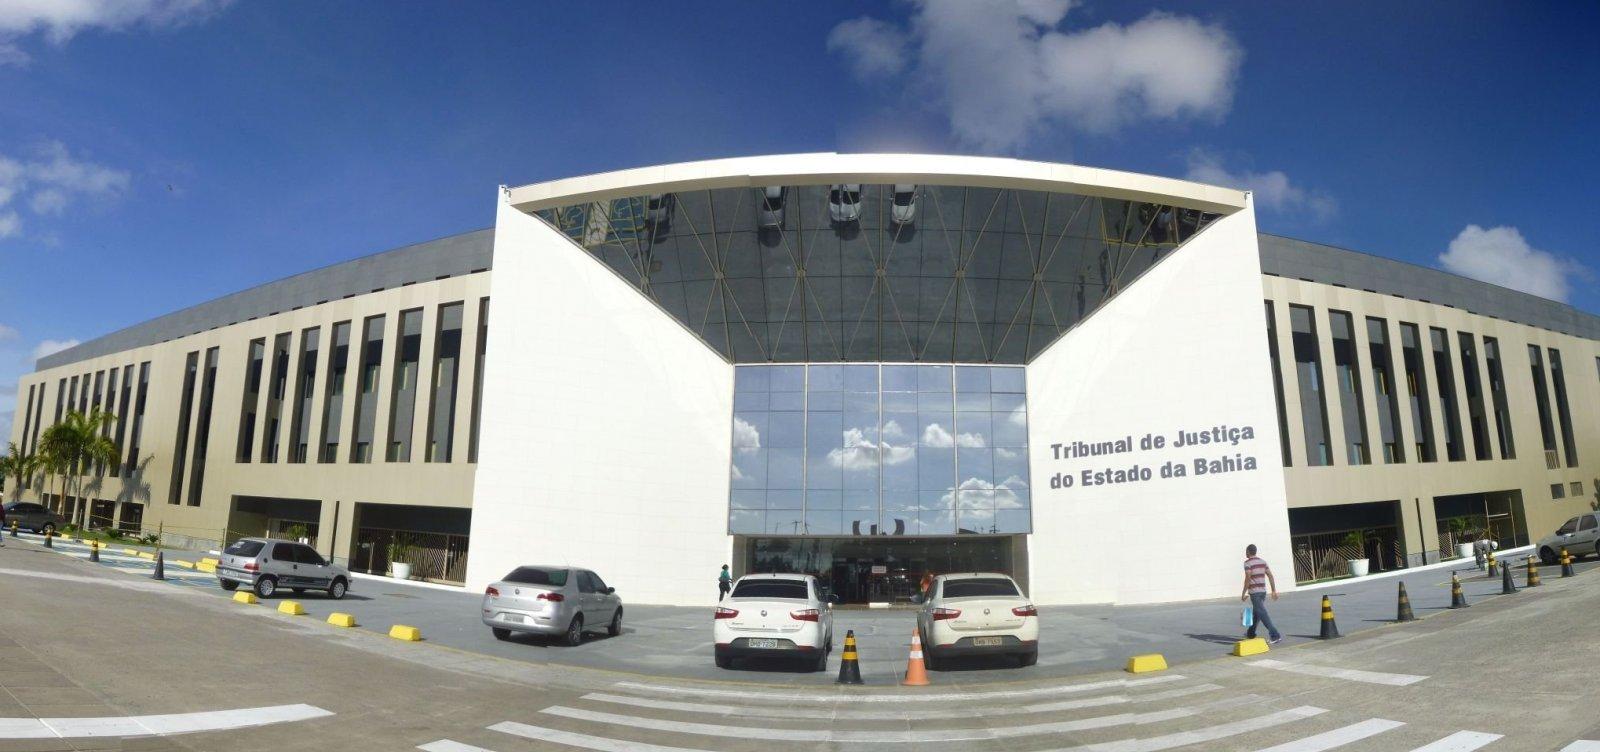 Operação Faroeste: irmão de chefe do MP nega 'articulação'